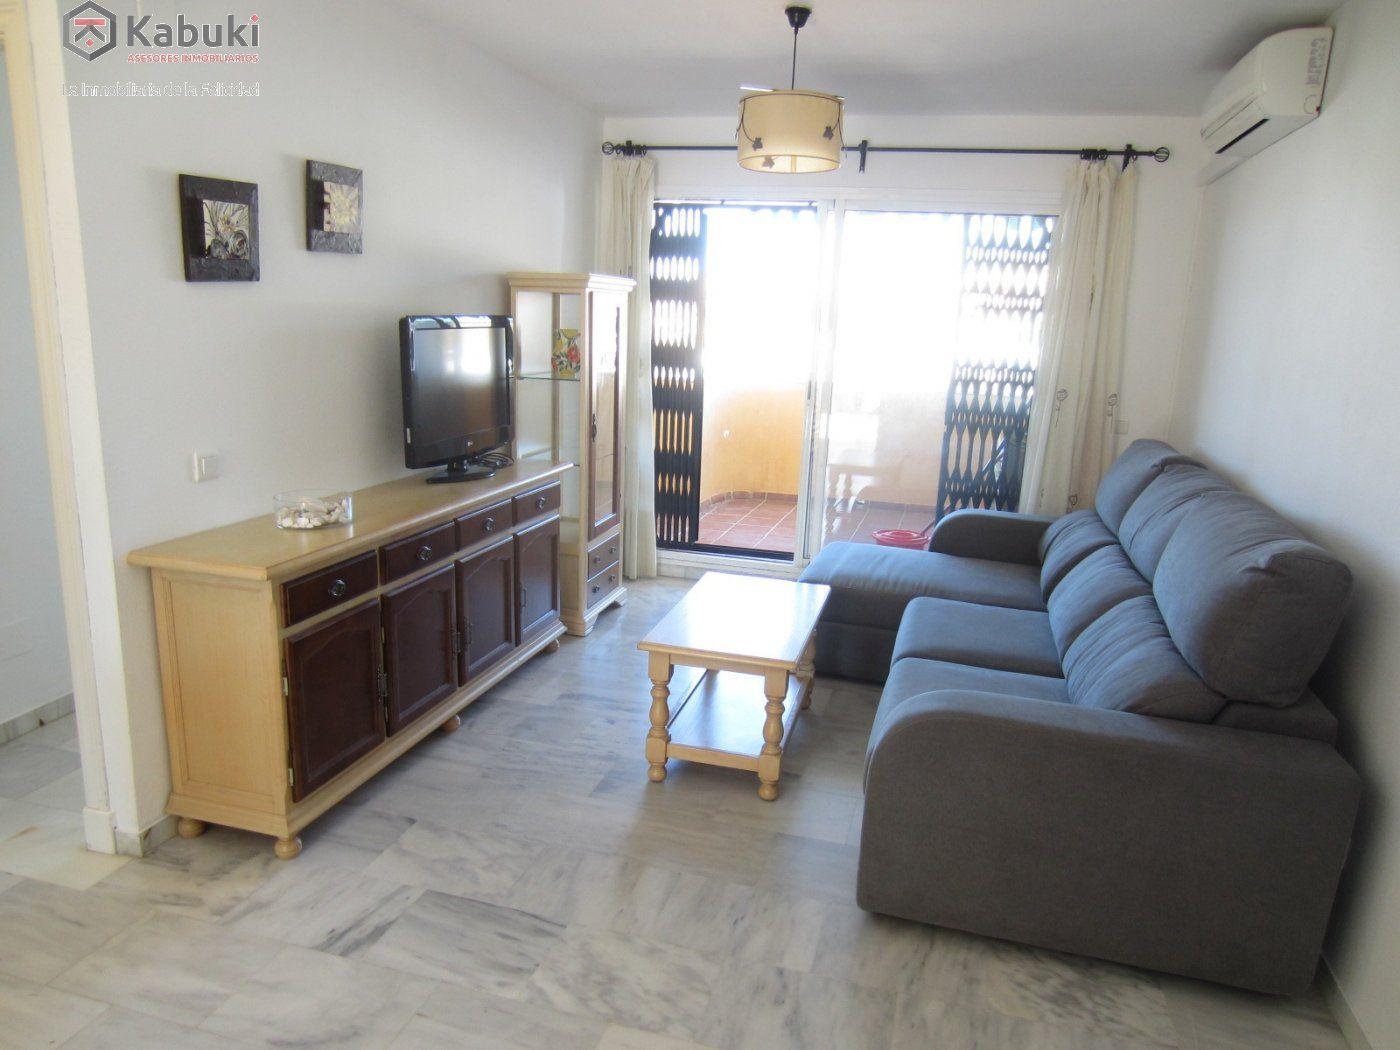 Coqueto apartamento en mijas, a un paso del mar. en urbanización con piscina. - imagenInmueble1